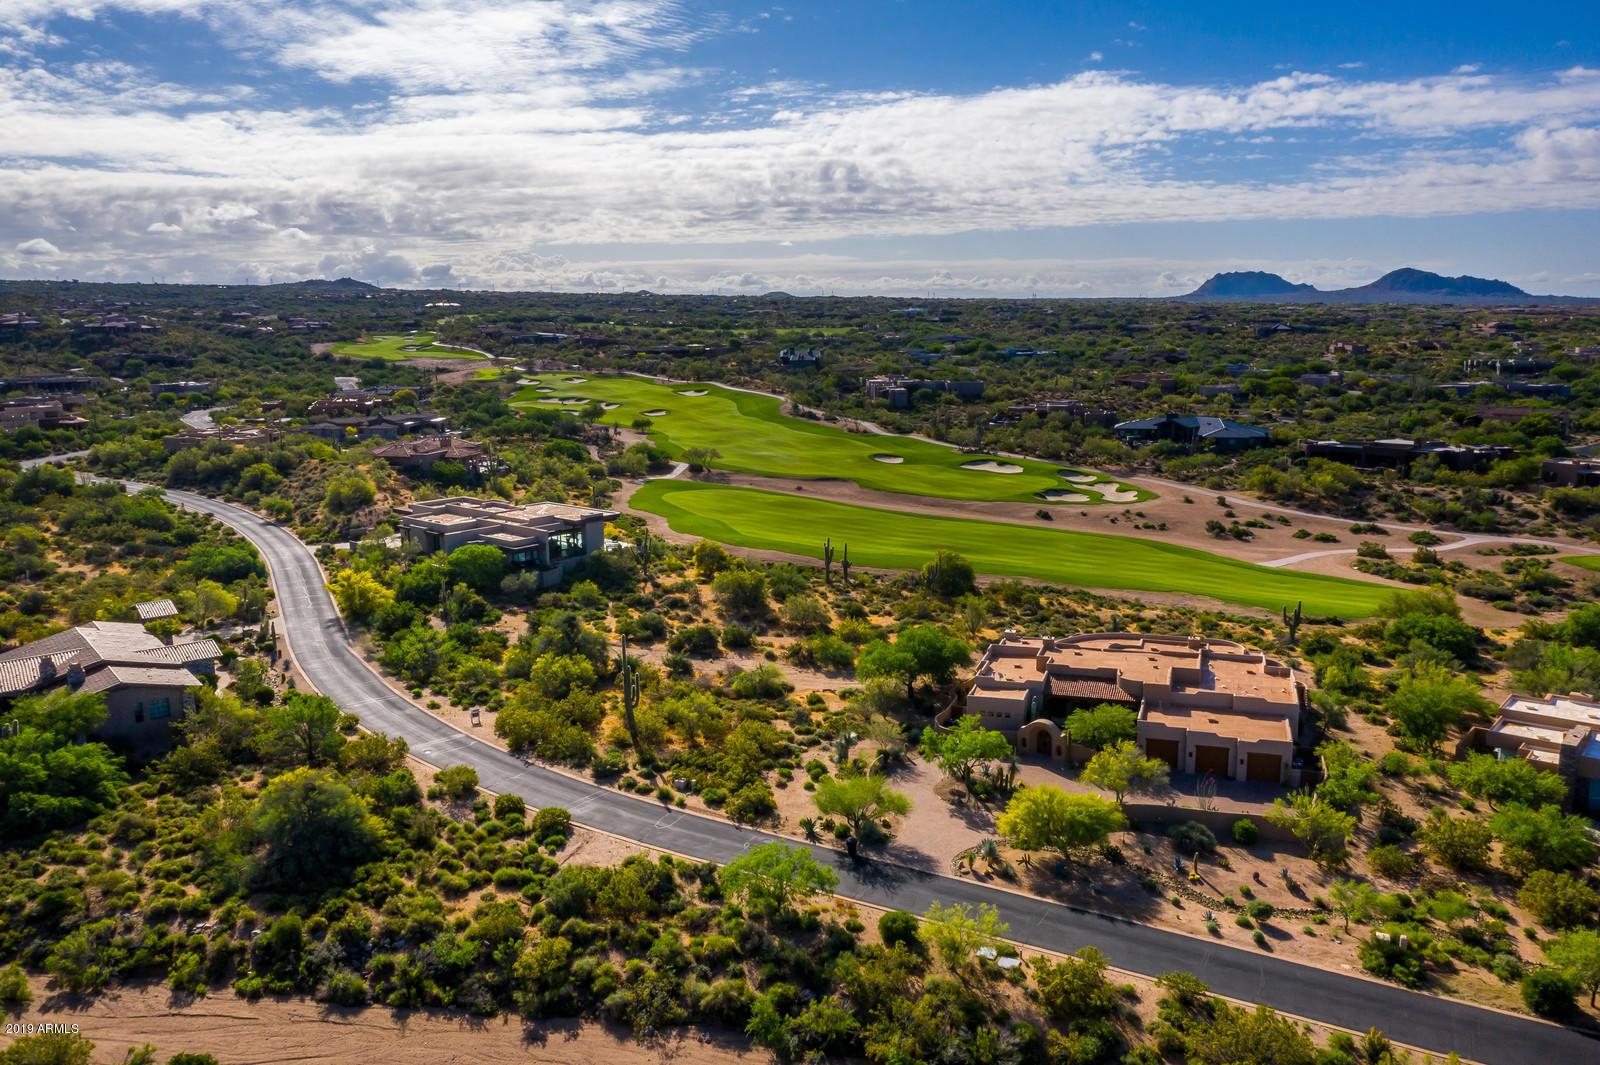 MLS 5931110 9471 E Covey Trail, Scottsdale, AZ 85262 Scottsdale AZ Private Pool